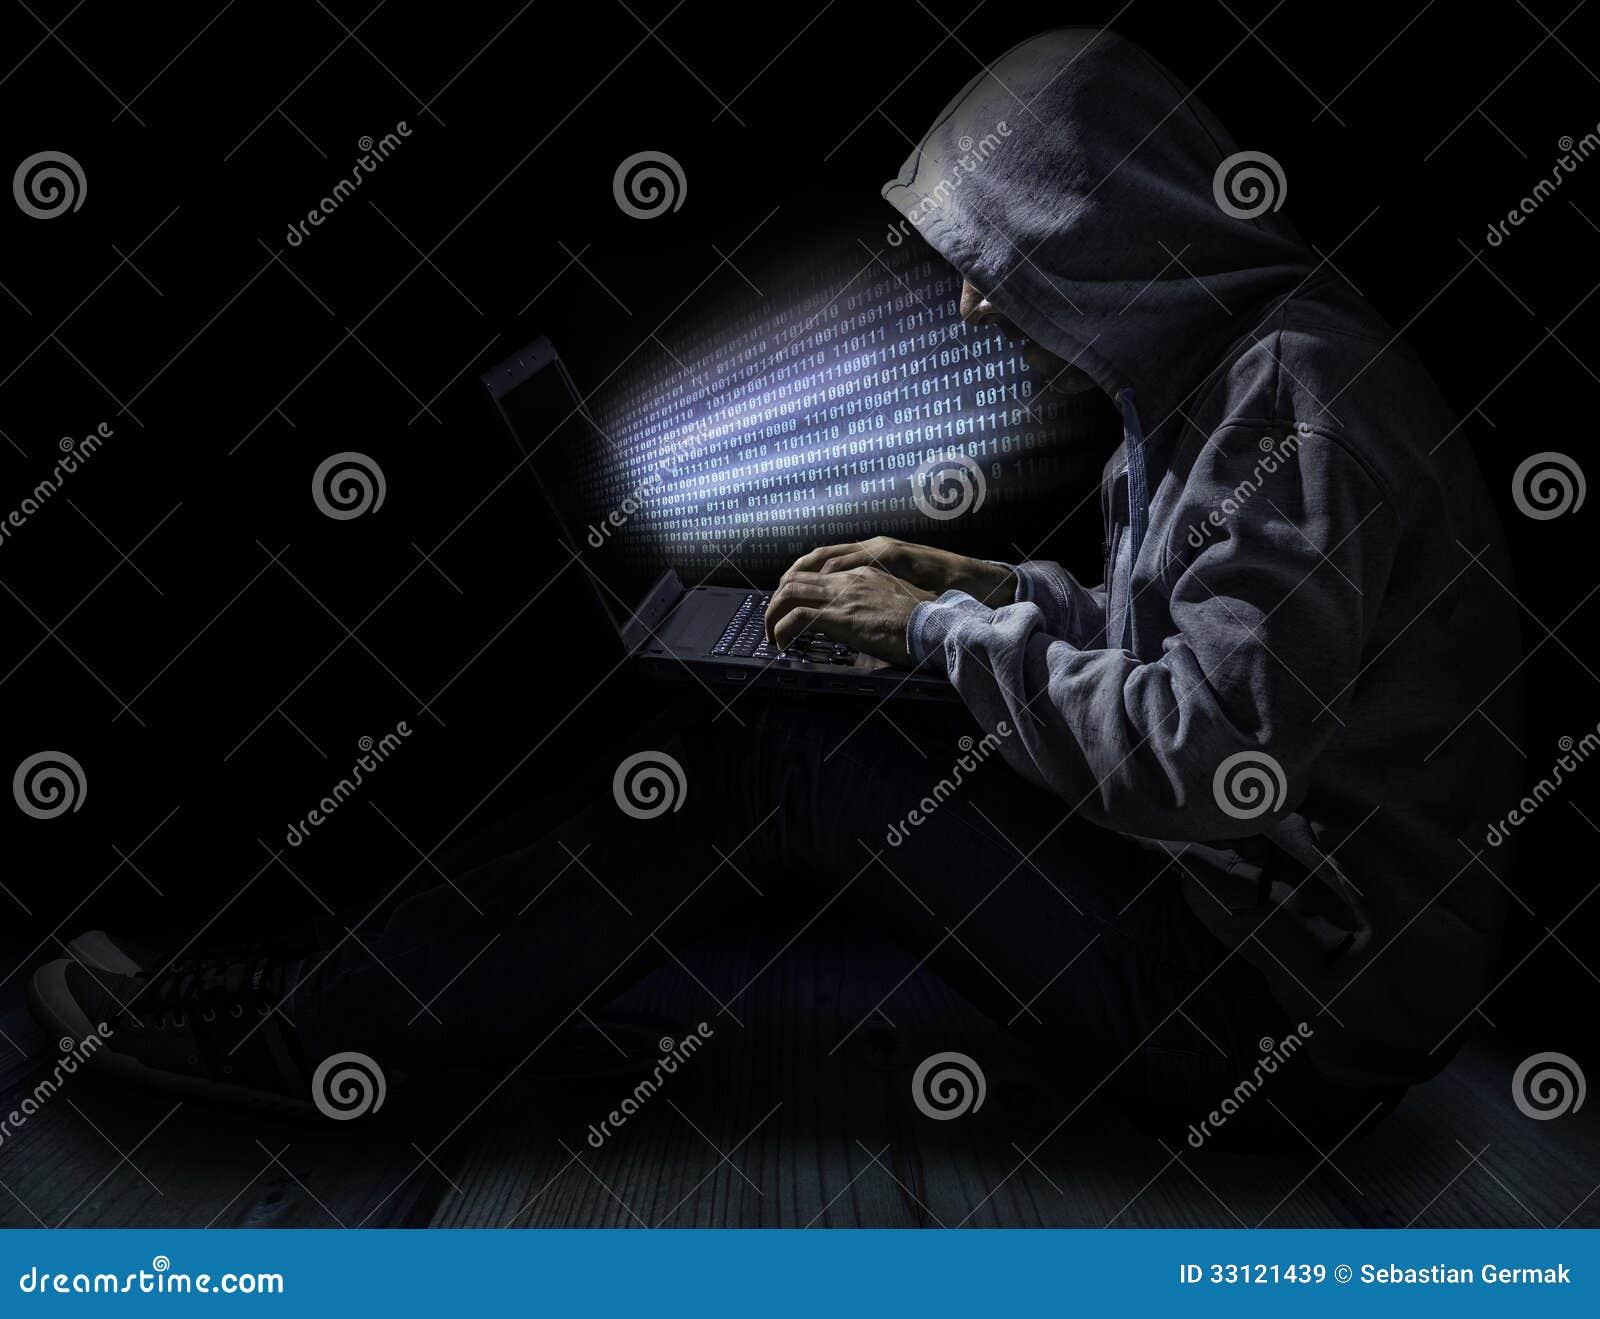 En hacker